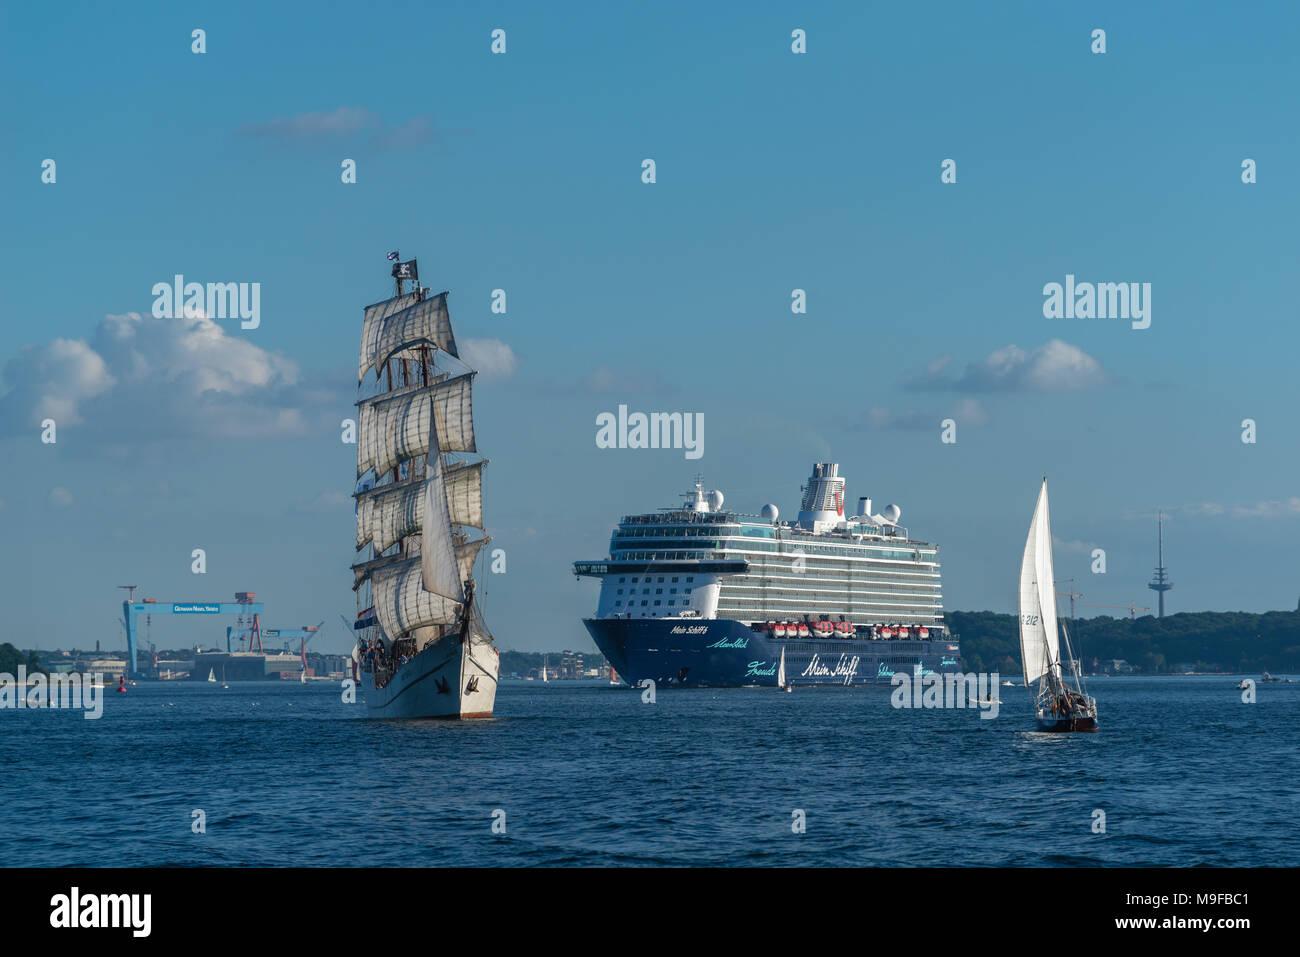 The cruiser 'Mein Schiff' is leaving Kiel Habour for the open Baltic Sea, Kiel Fjord, Kiel, Schleswig-Holstein, Germany, Europe - Stock Image